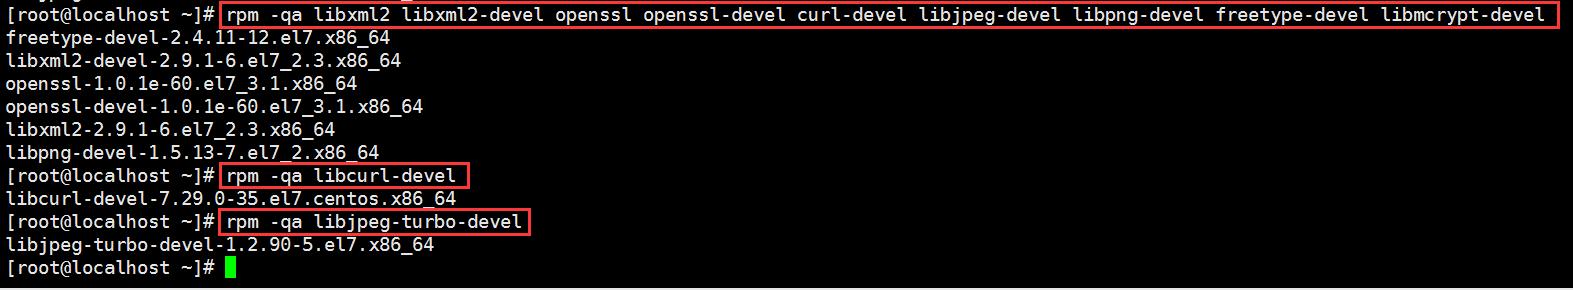 查看安装情况,libmcrypt-devel未安装